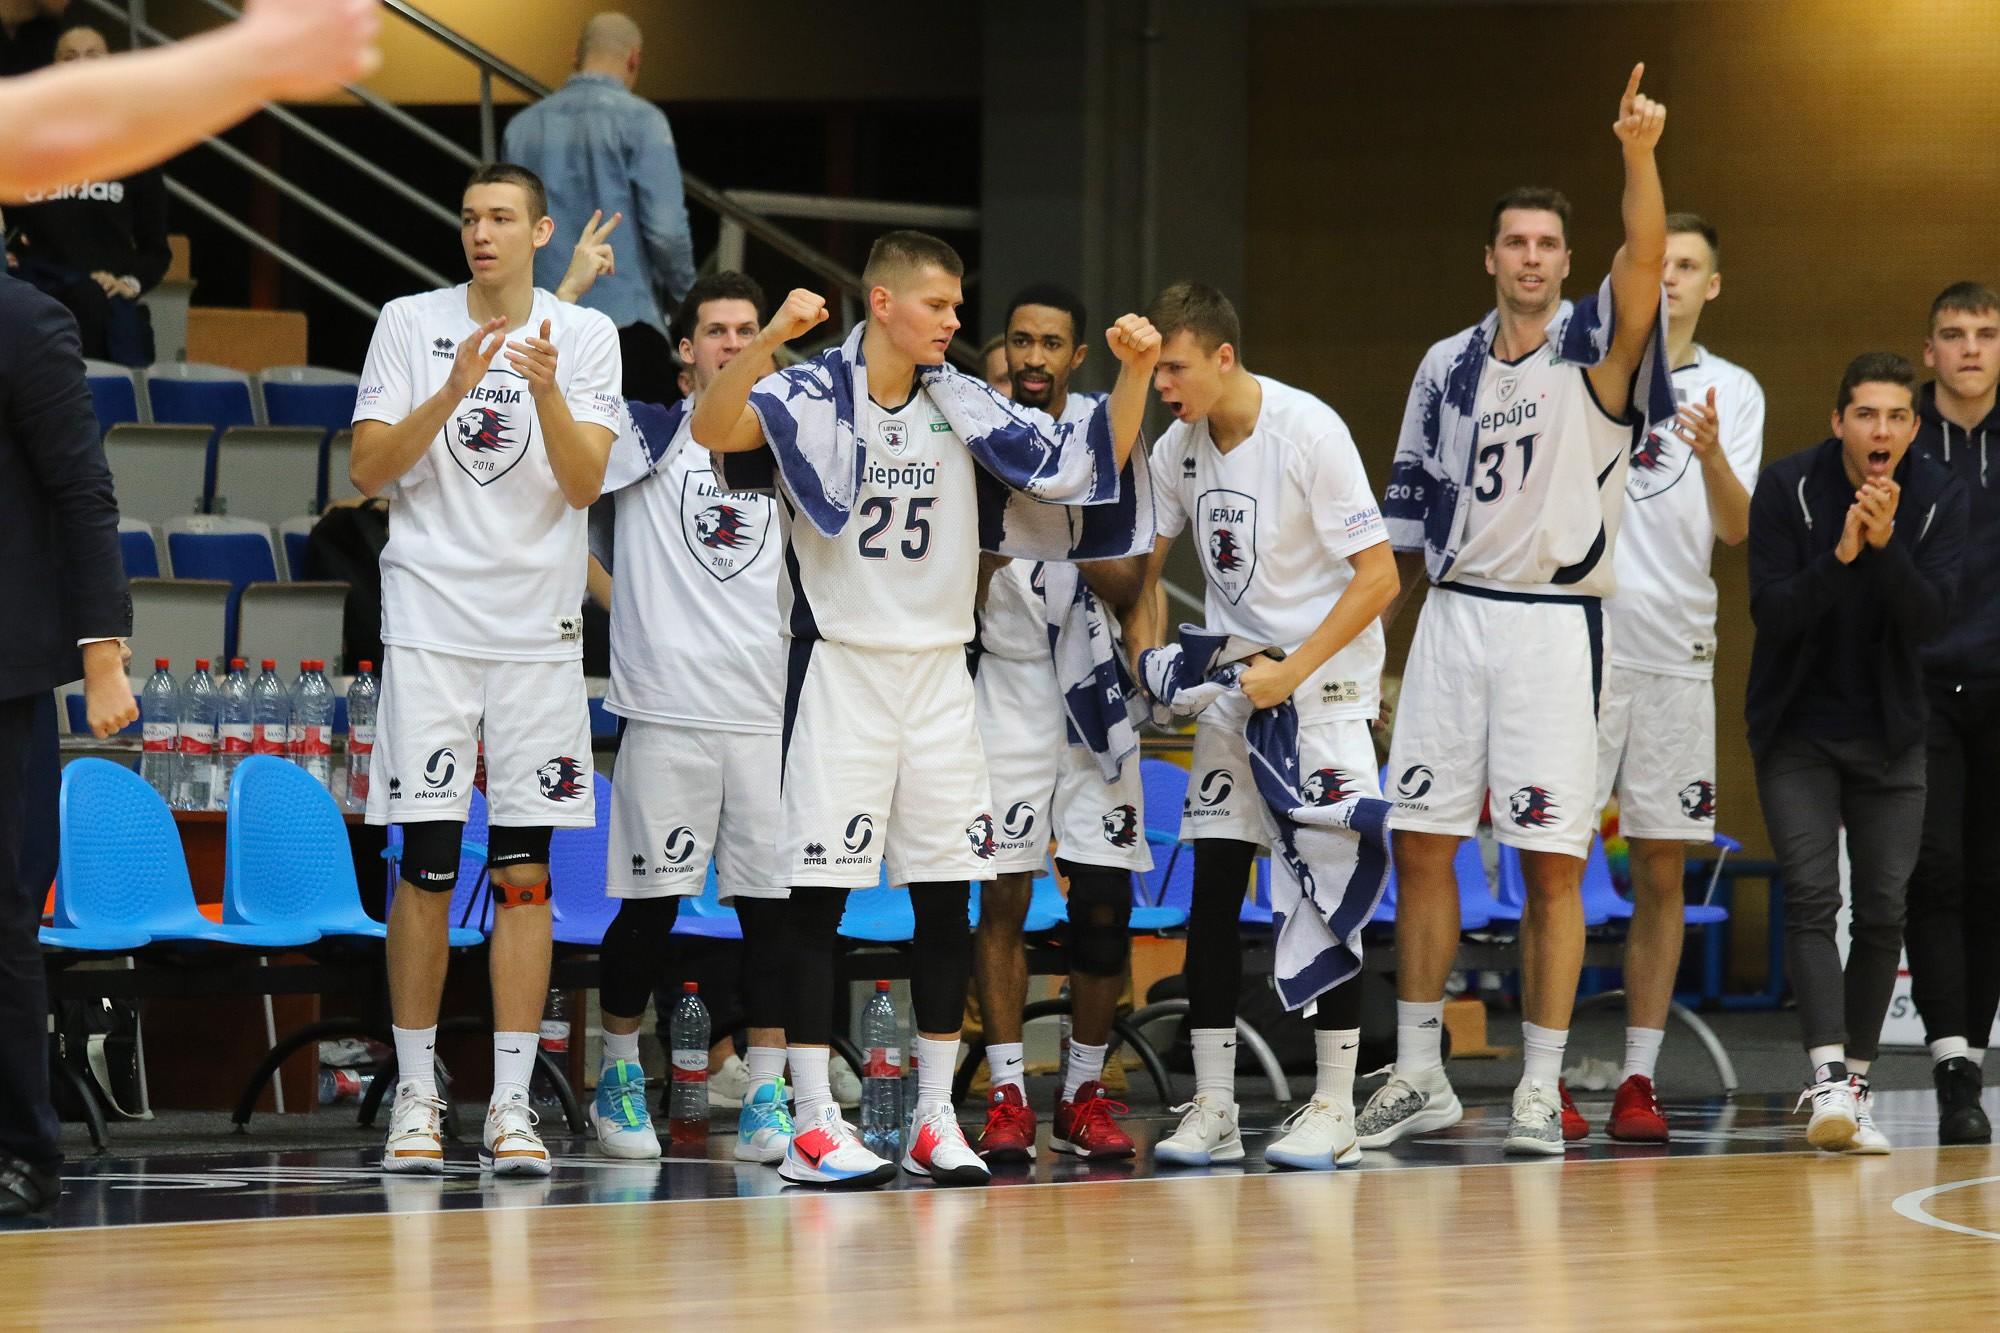 Объединенная баскетбольная лига может быть продолжена